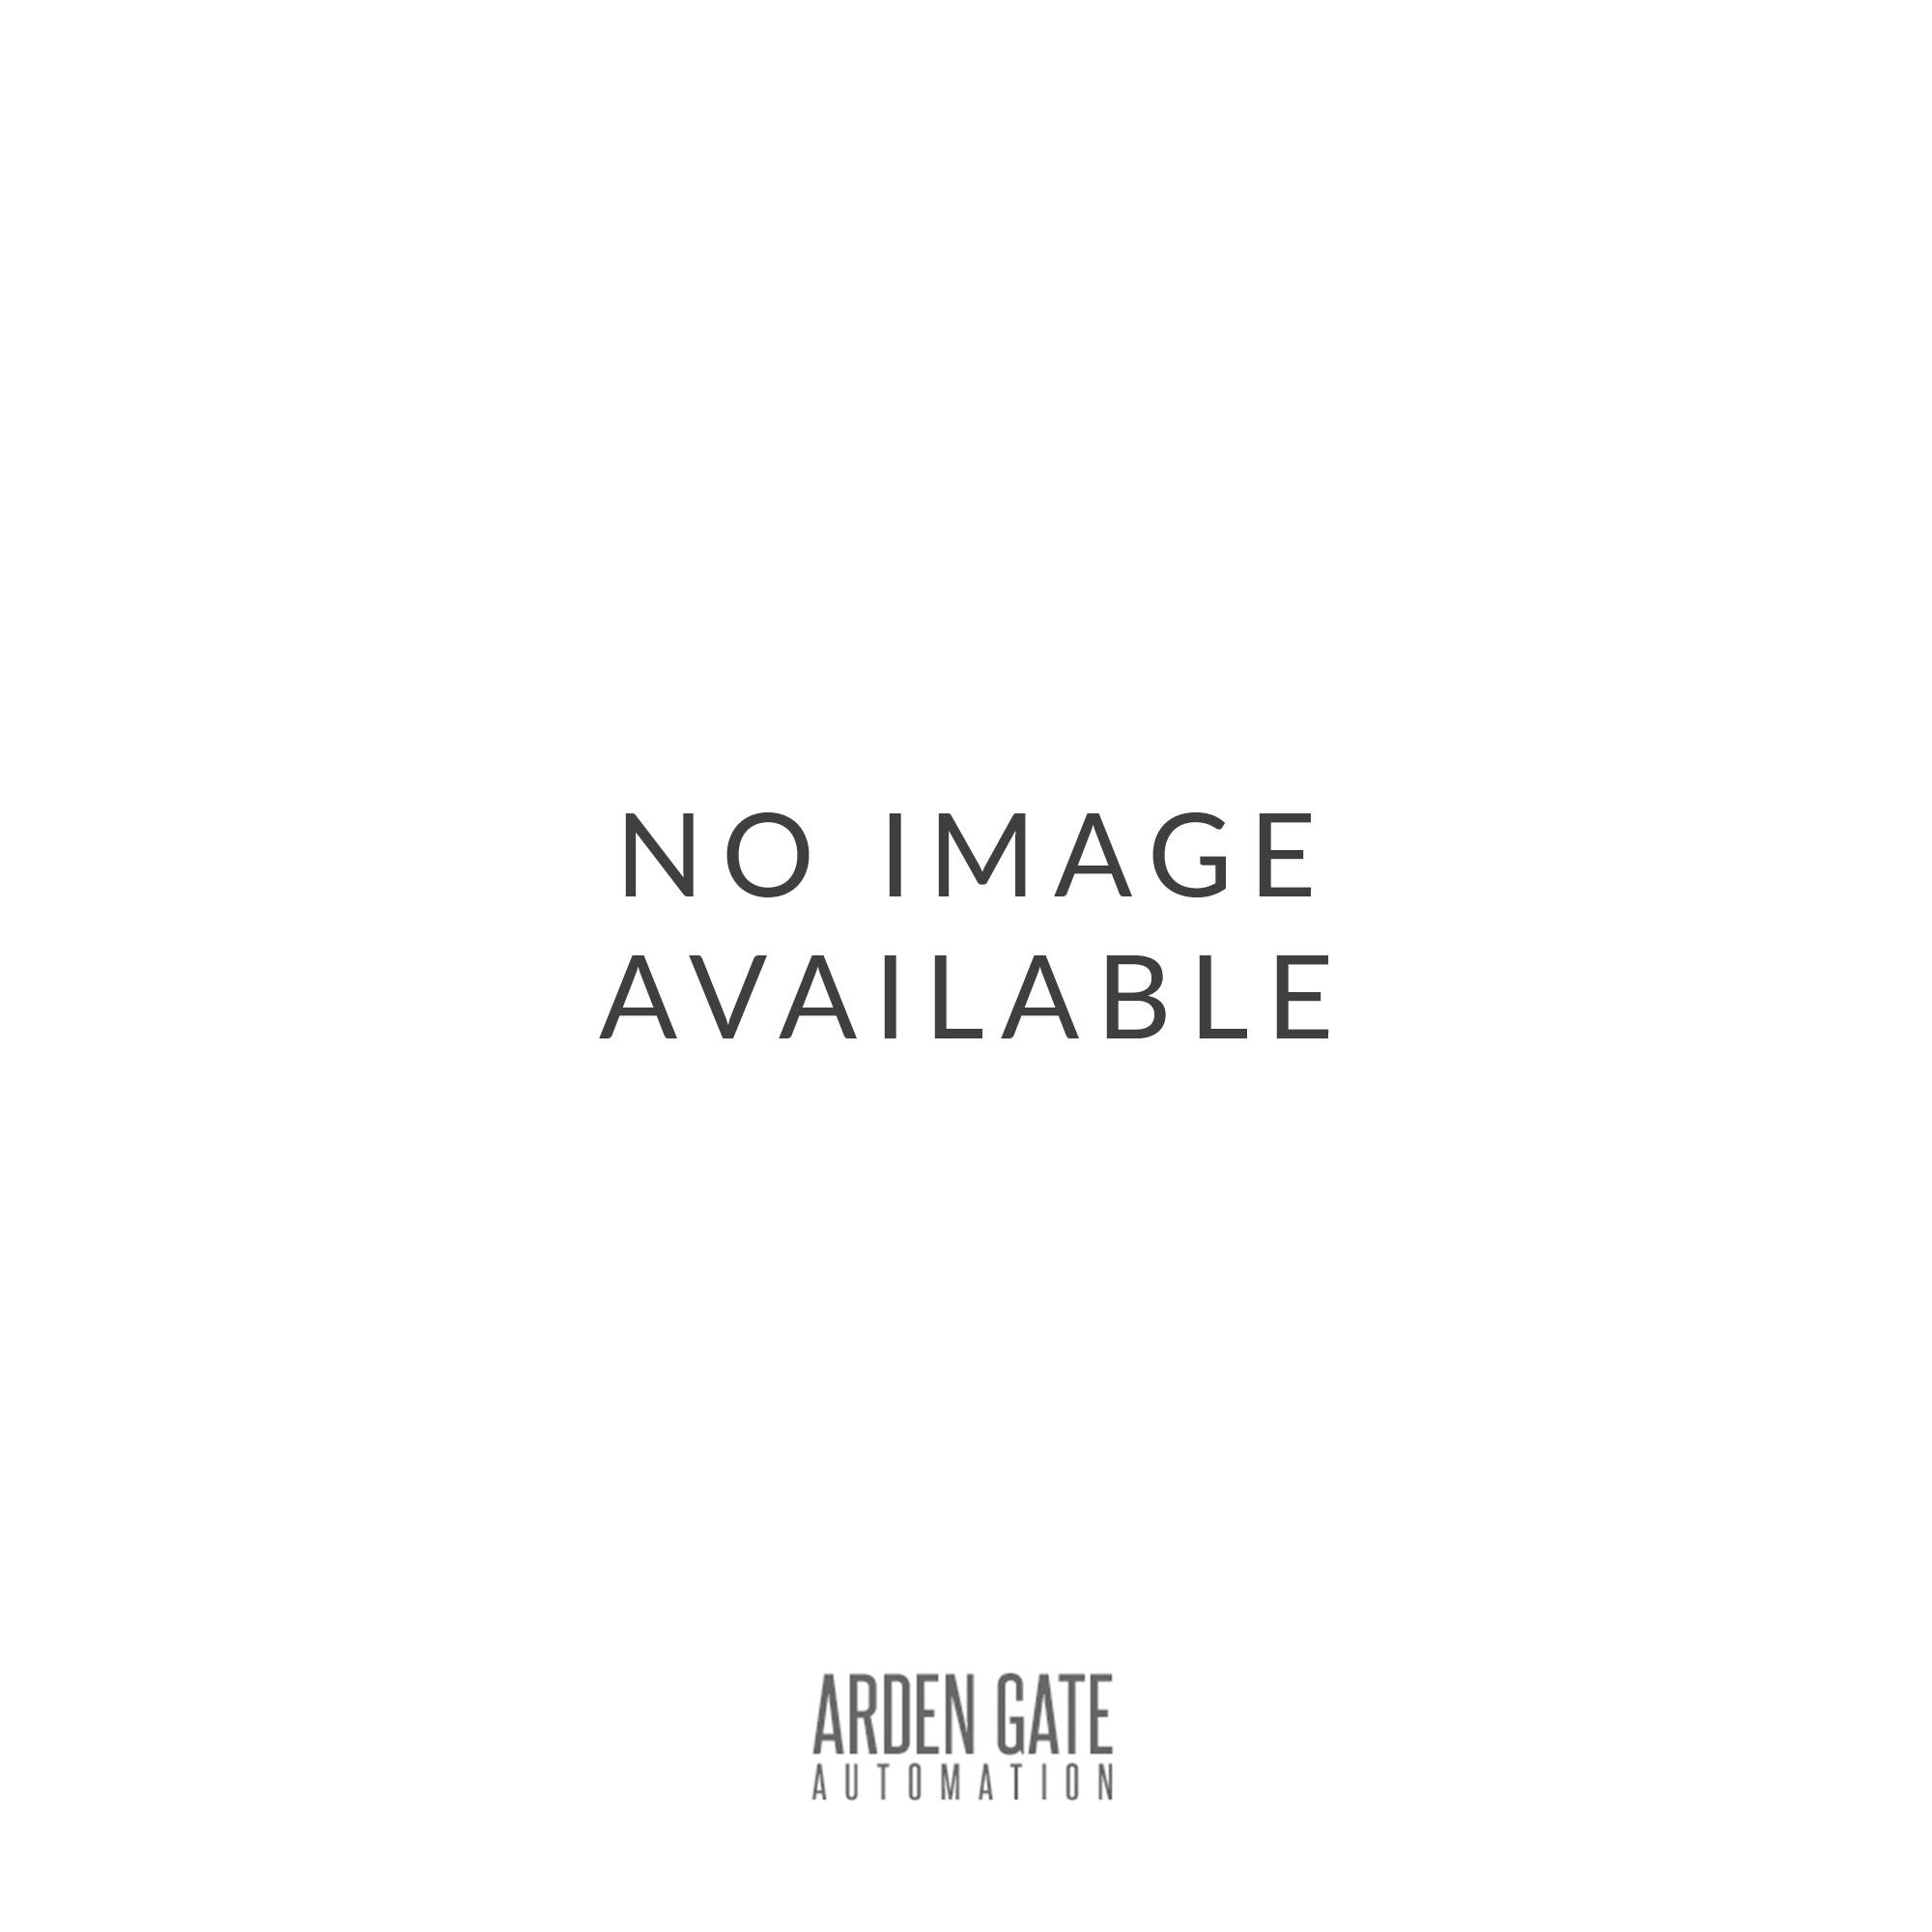 BENINCA V96 electronic 12v viro lock